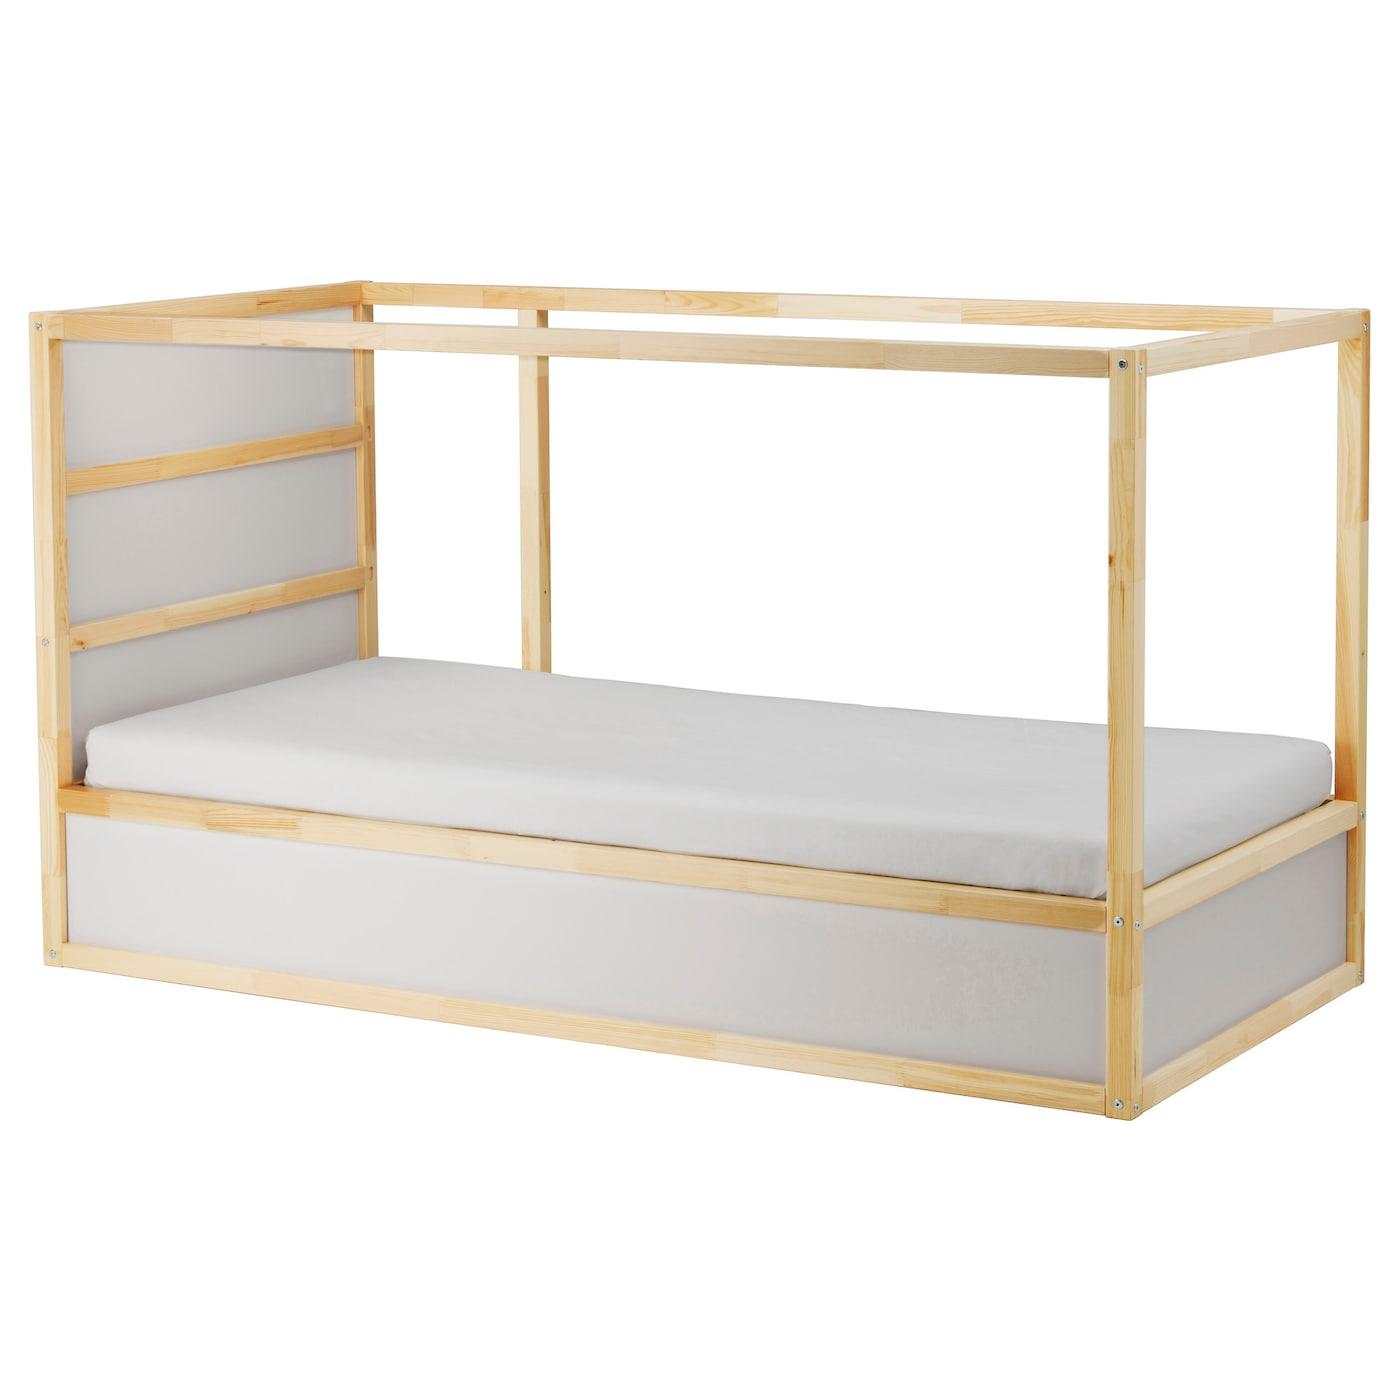 IKEA KURA keerbaar bed Als je het bed omkeert heb je in een handomdraai een laag